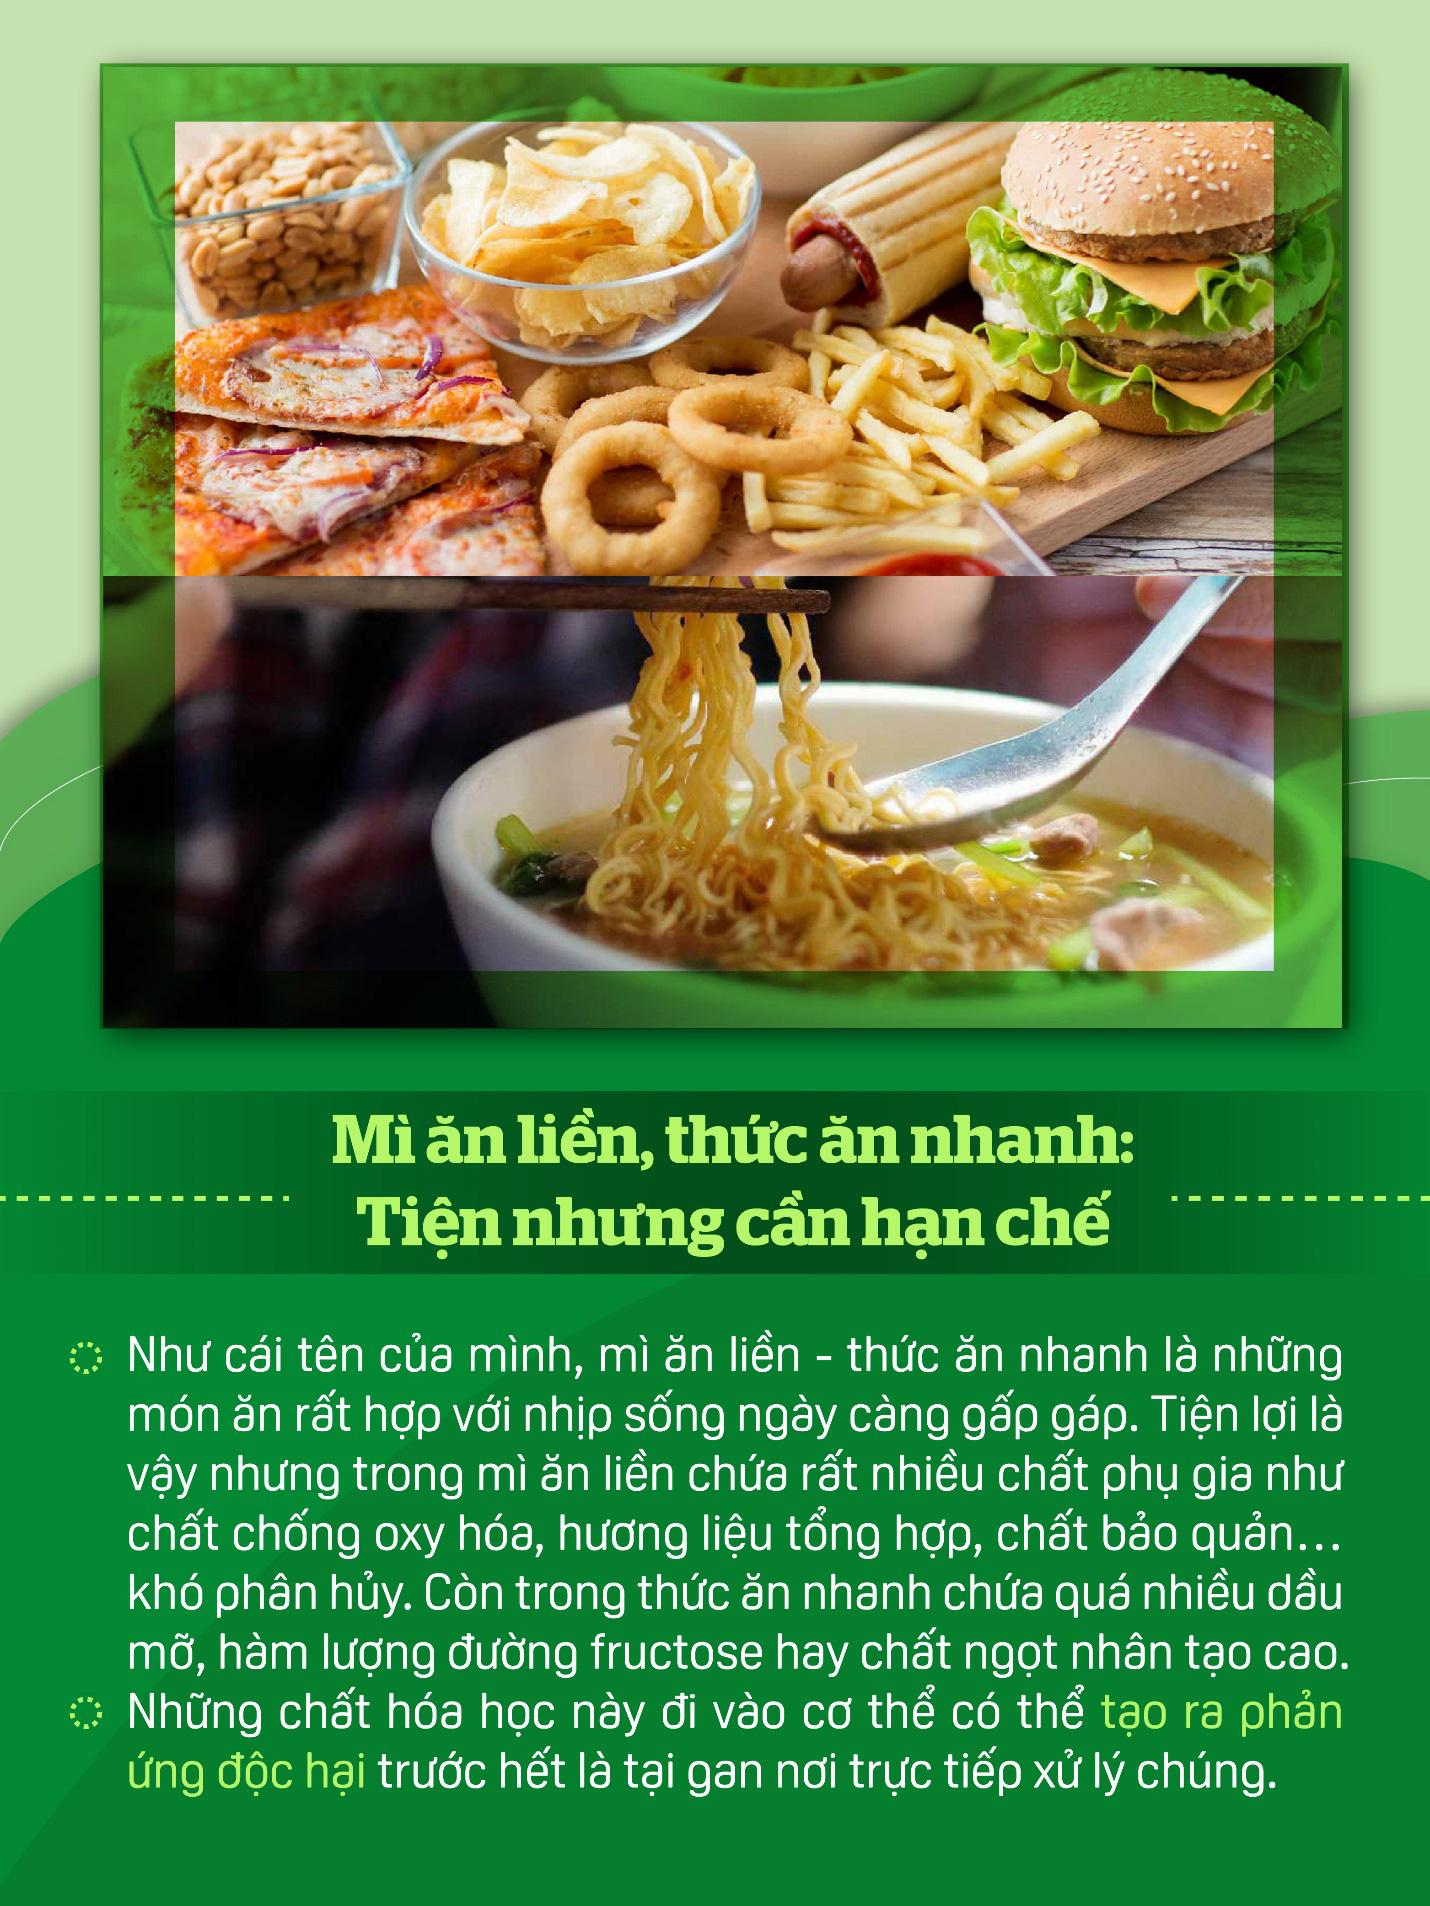 Nấu ăn mùa nắng nóng nhớ hạn chế những thực phẩm này để bảo vệ gan - Ảnh 3.